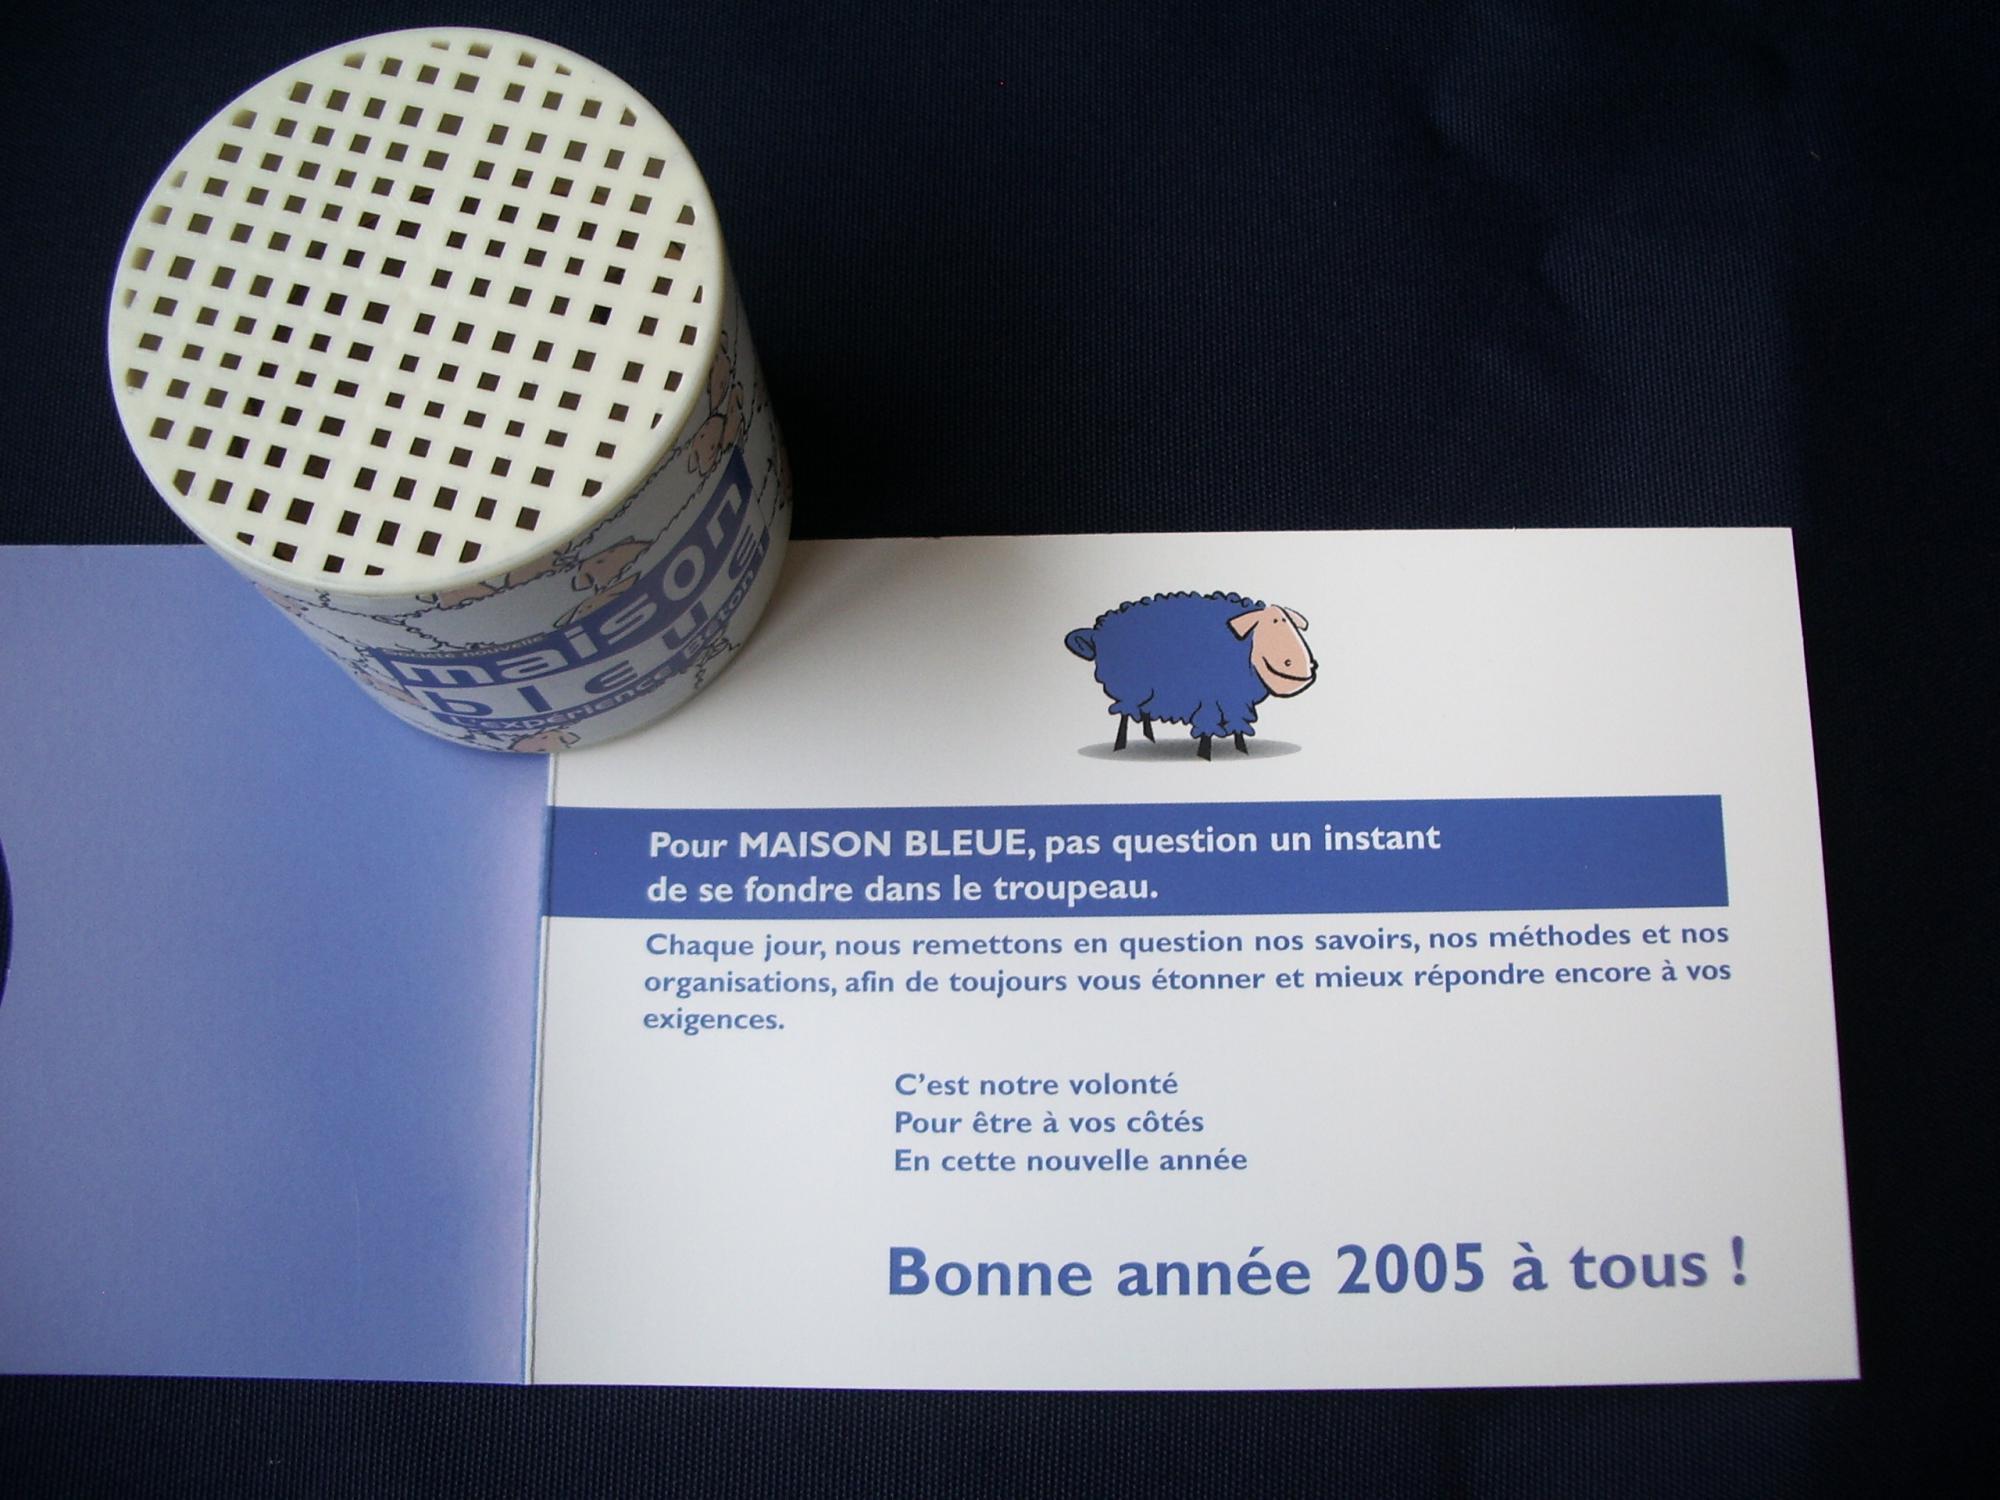 VOEUX MAISON BLEUE 2005